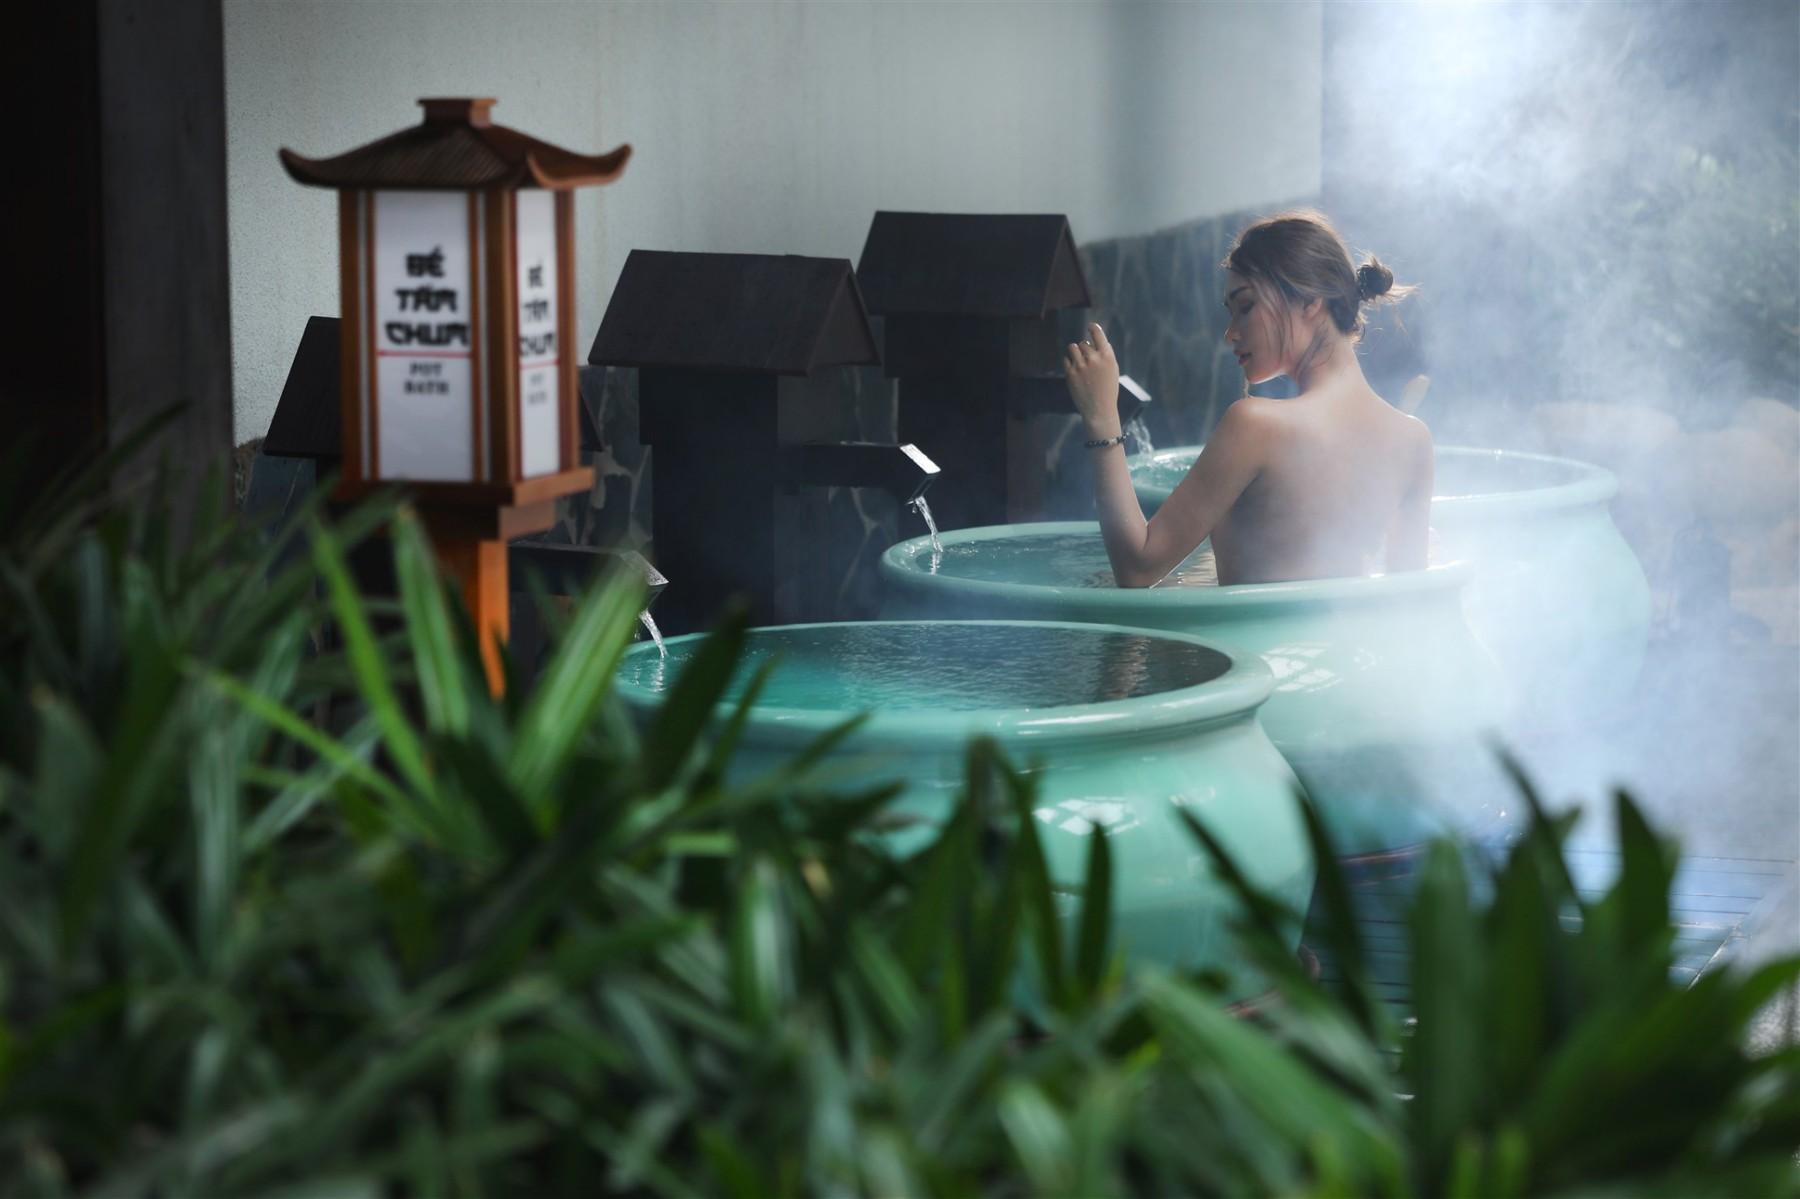 Trải nghiệm tắm khoáng nóng tại Yoko Onsen Quang Hanh. Ảnh: Sun Group